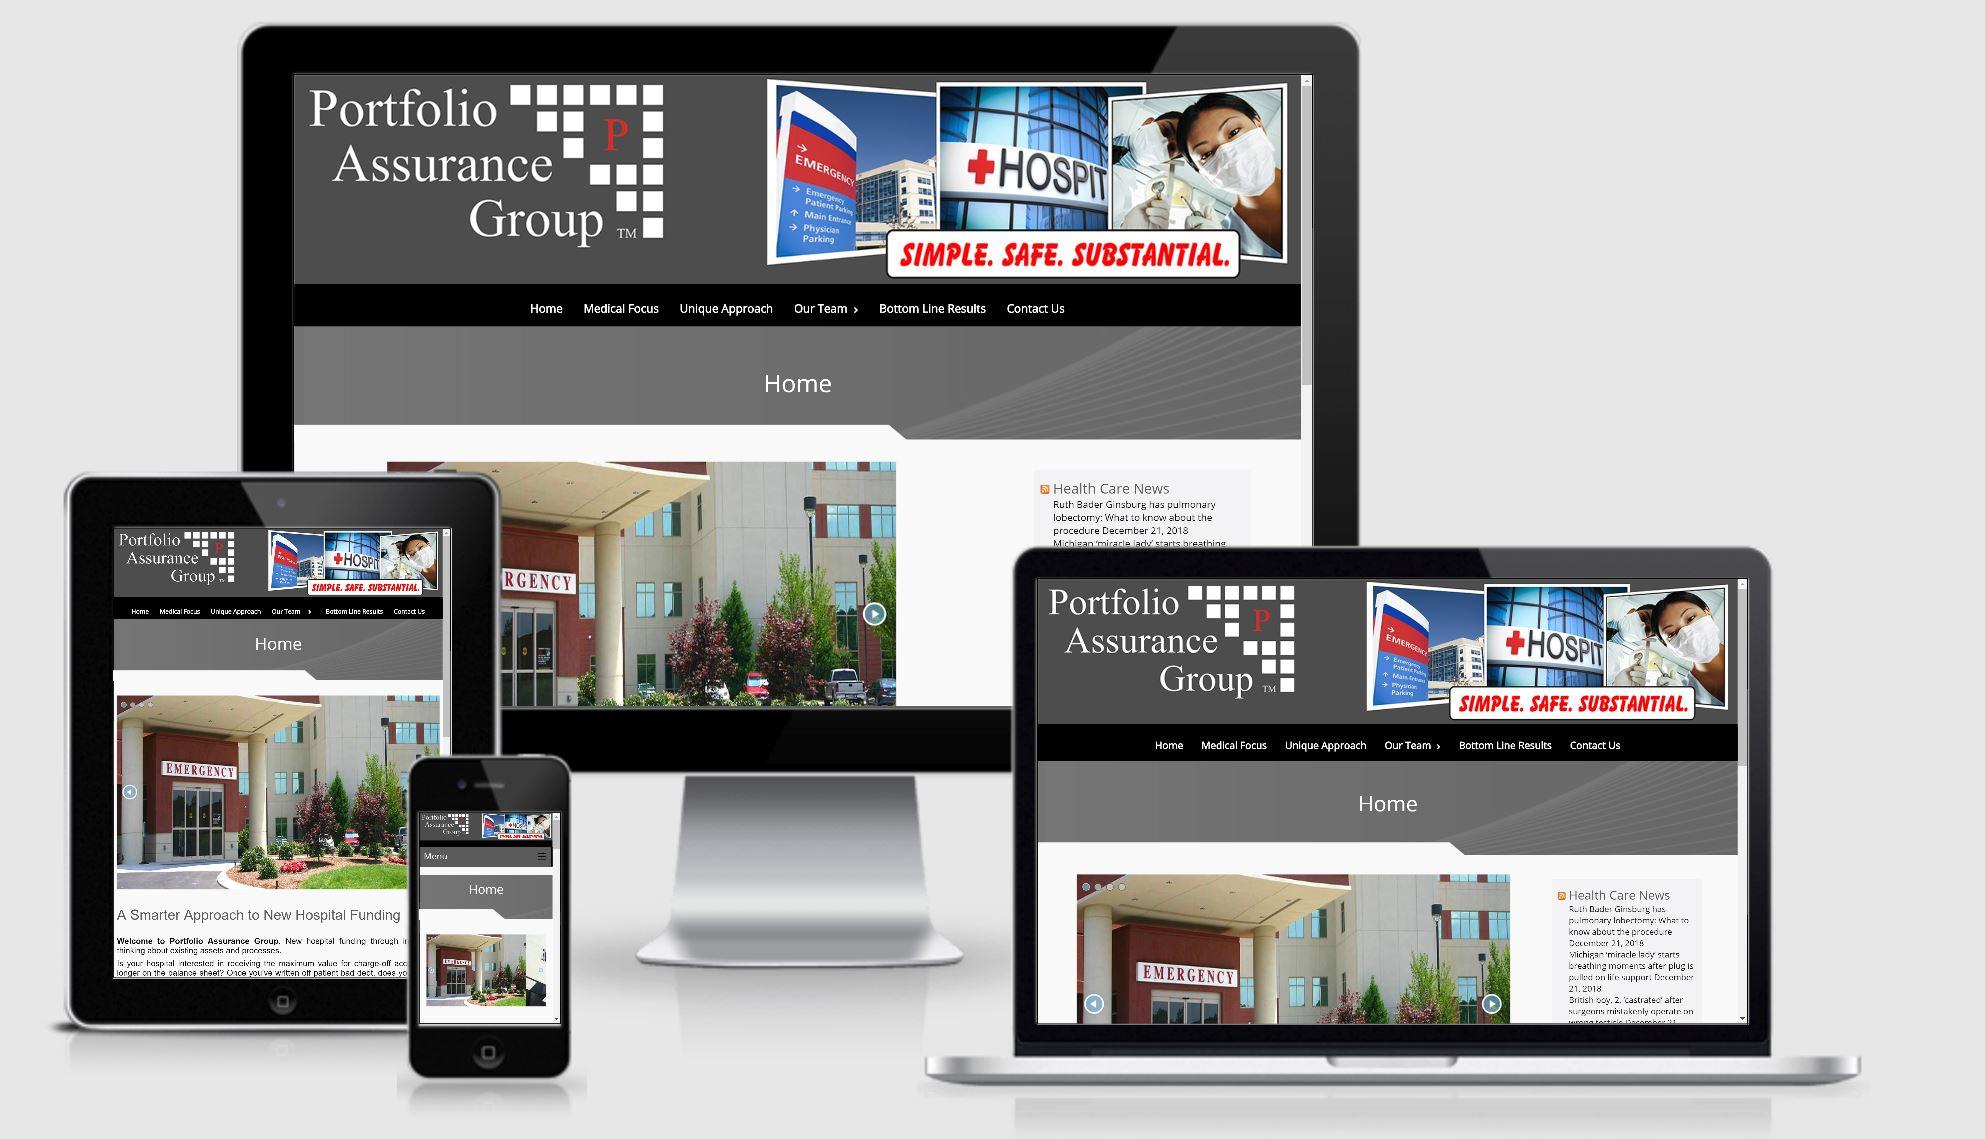 Portfolio Assurance Group